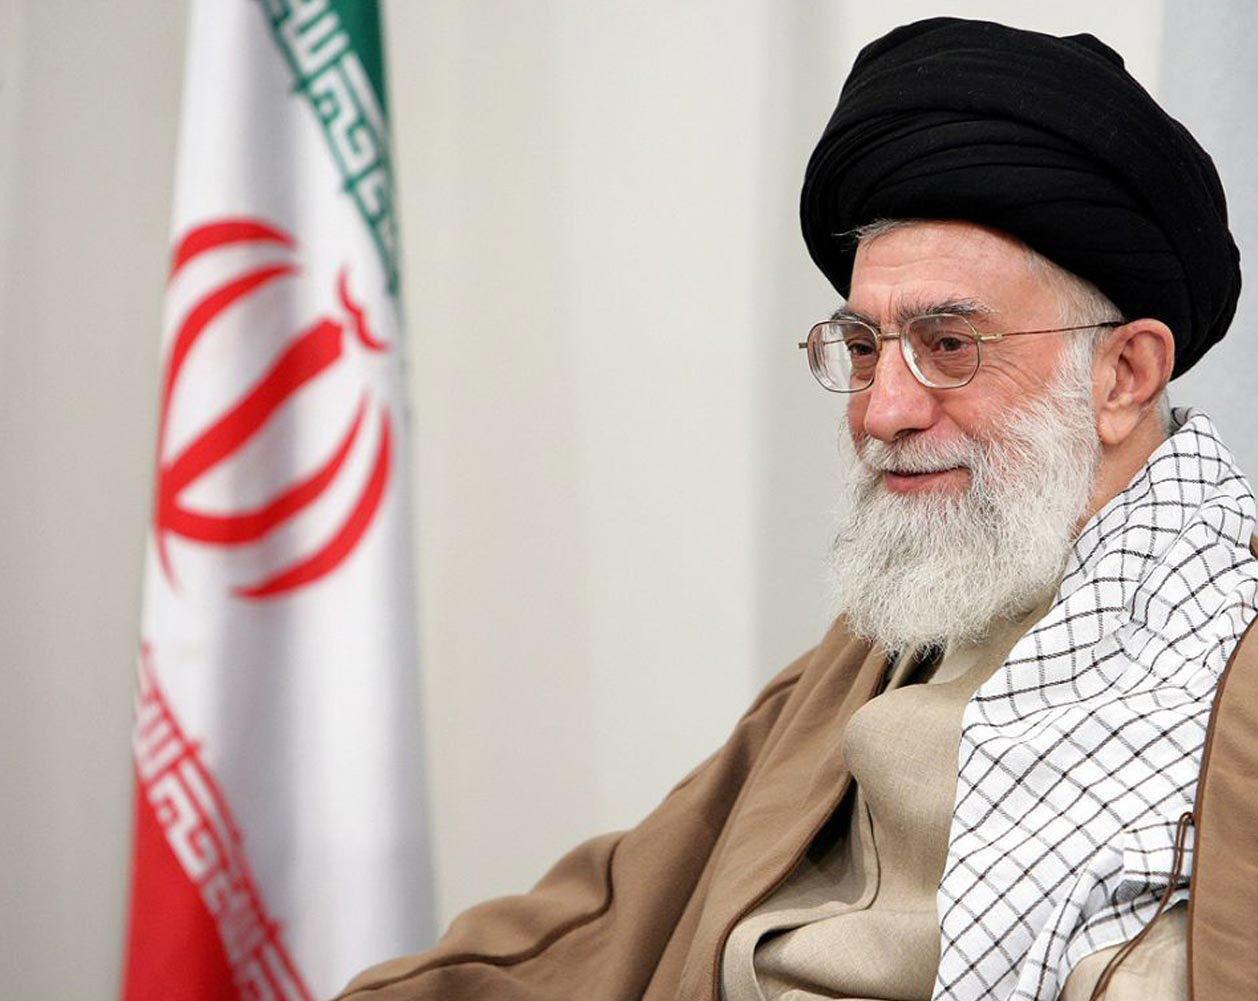 هآرتس: الاتفاق النووي اعتراف بـشرعية ولاية الفقيه والثورة الإيرانية